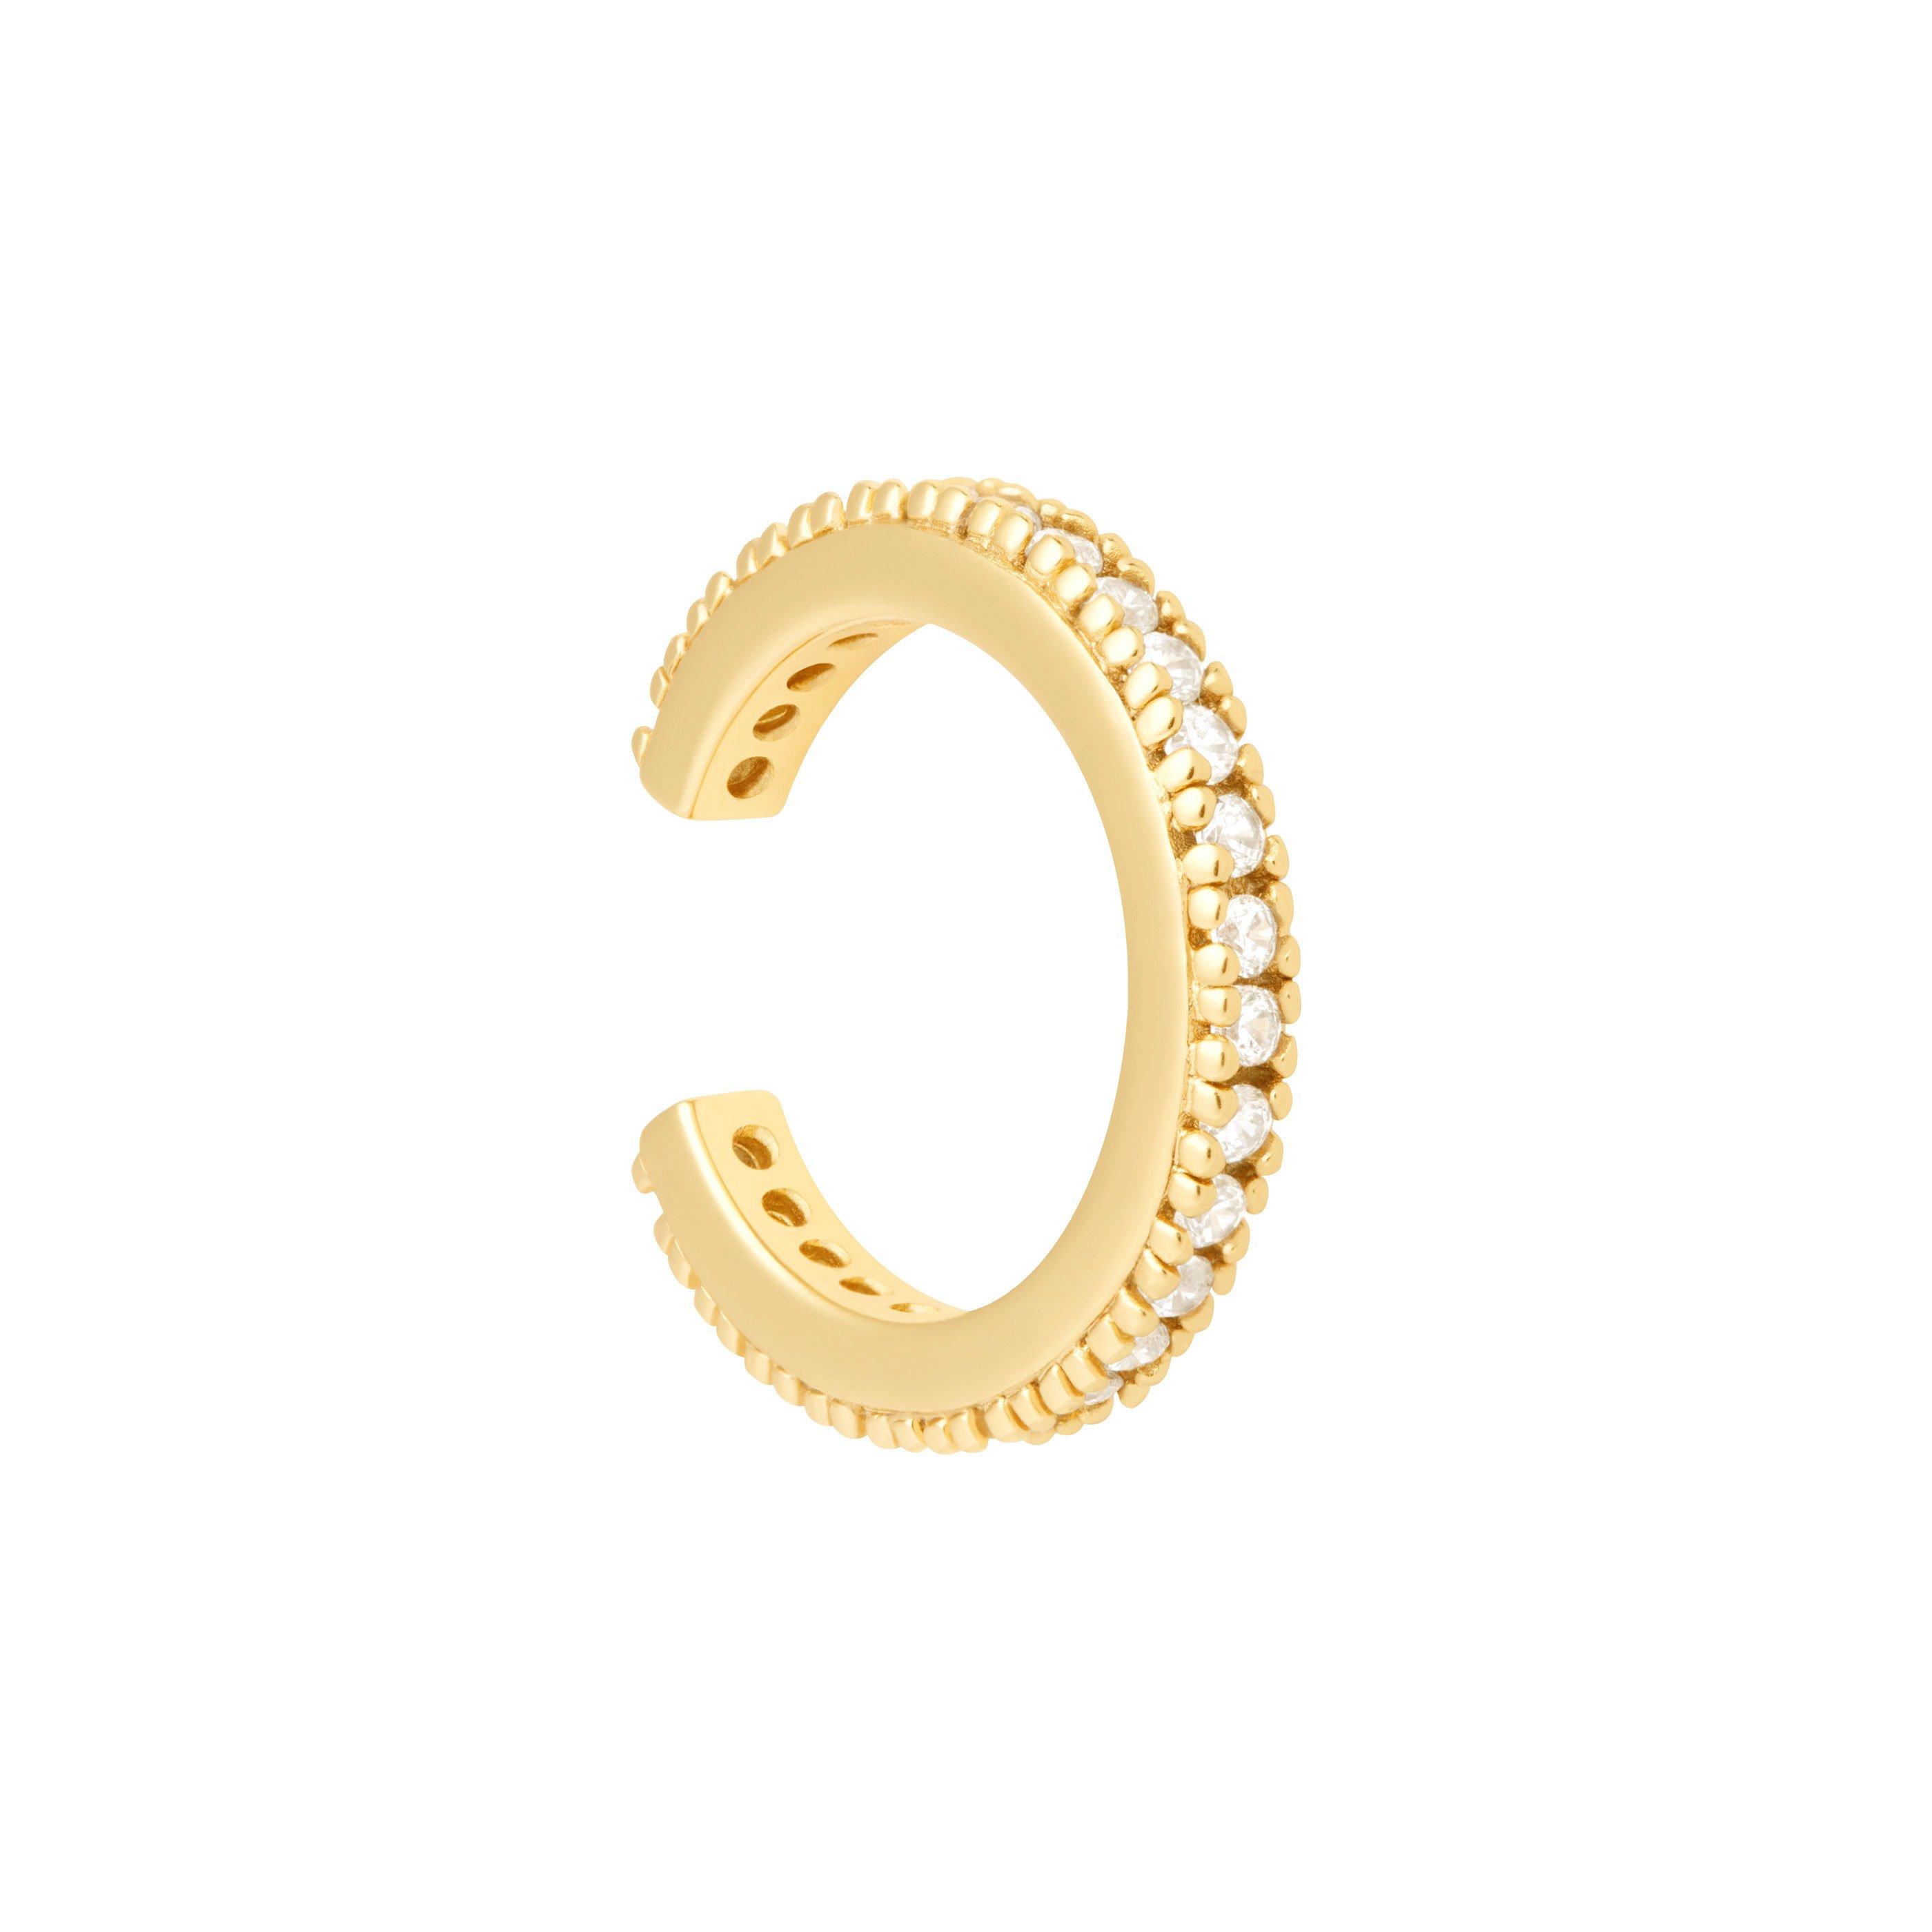 CRYSTAL EAR CUFF GOLD